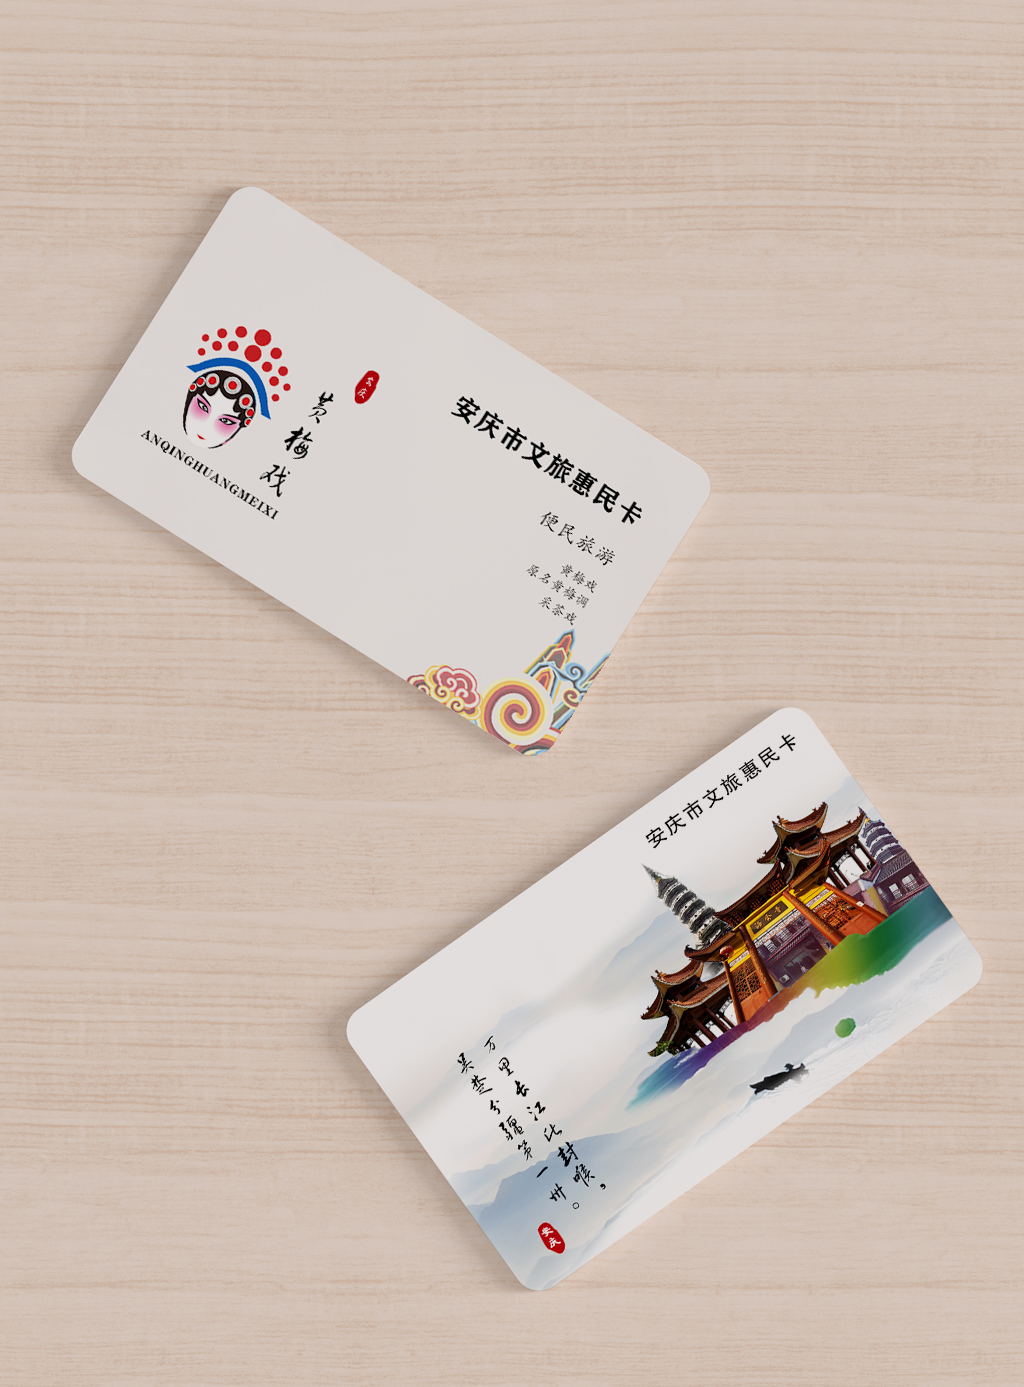 安庆文旅卡